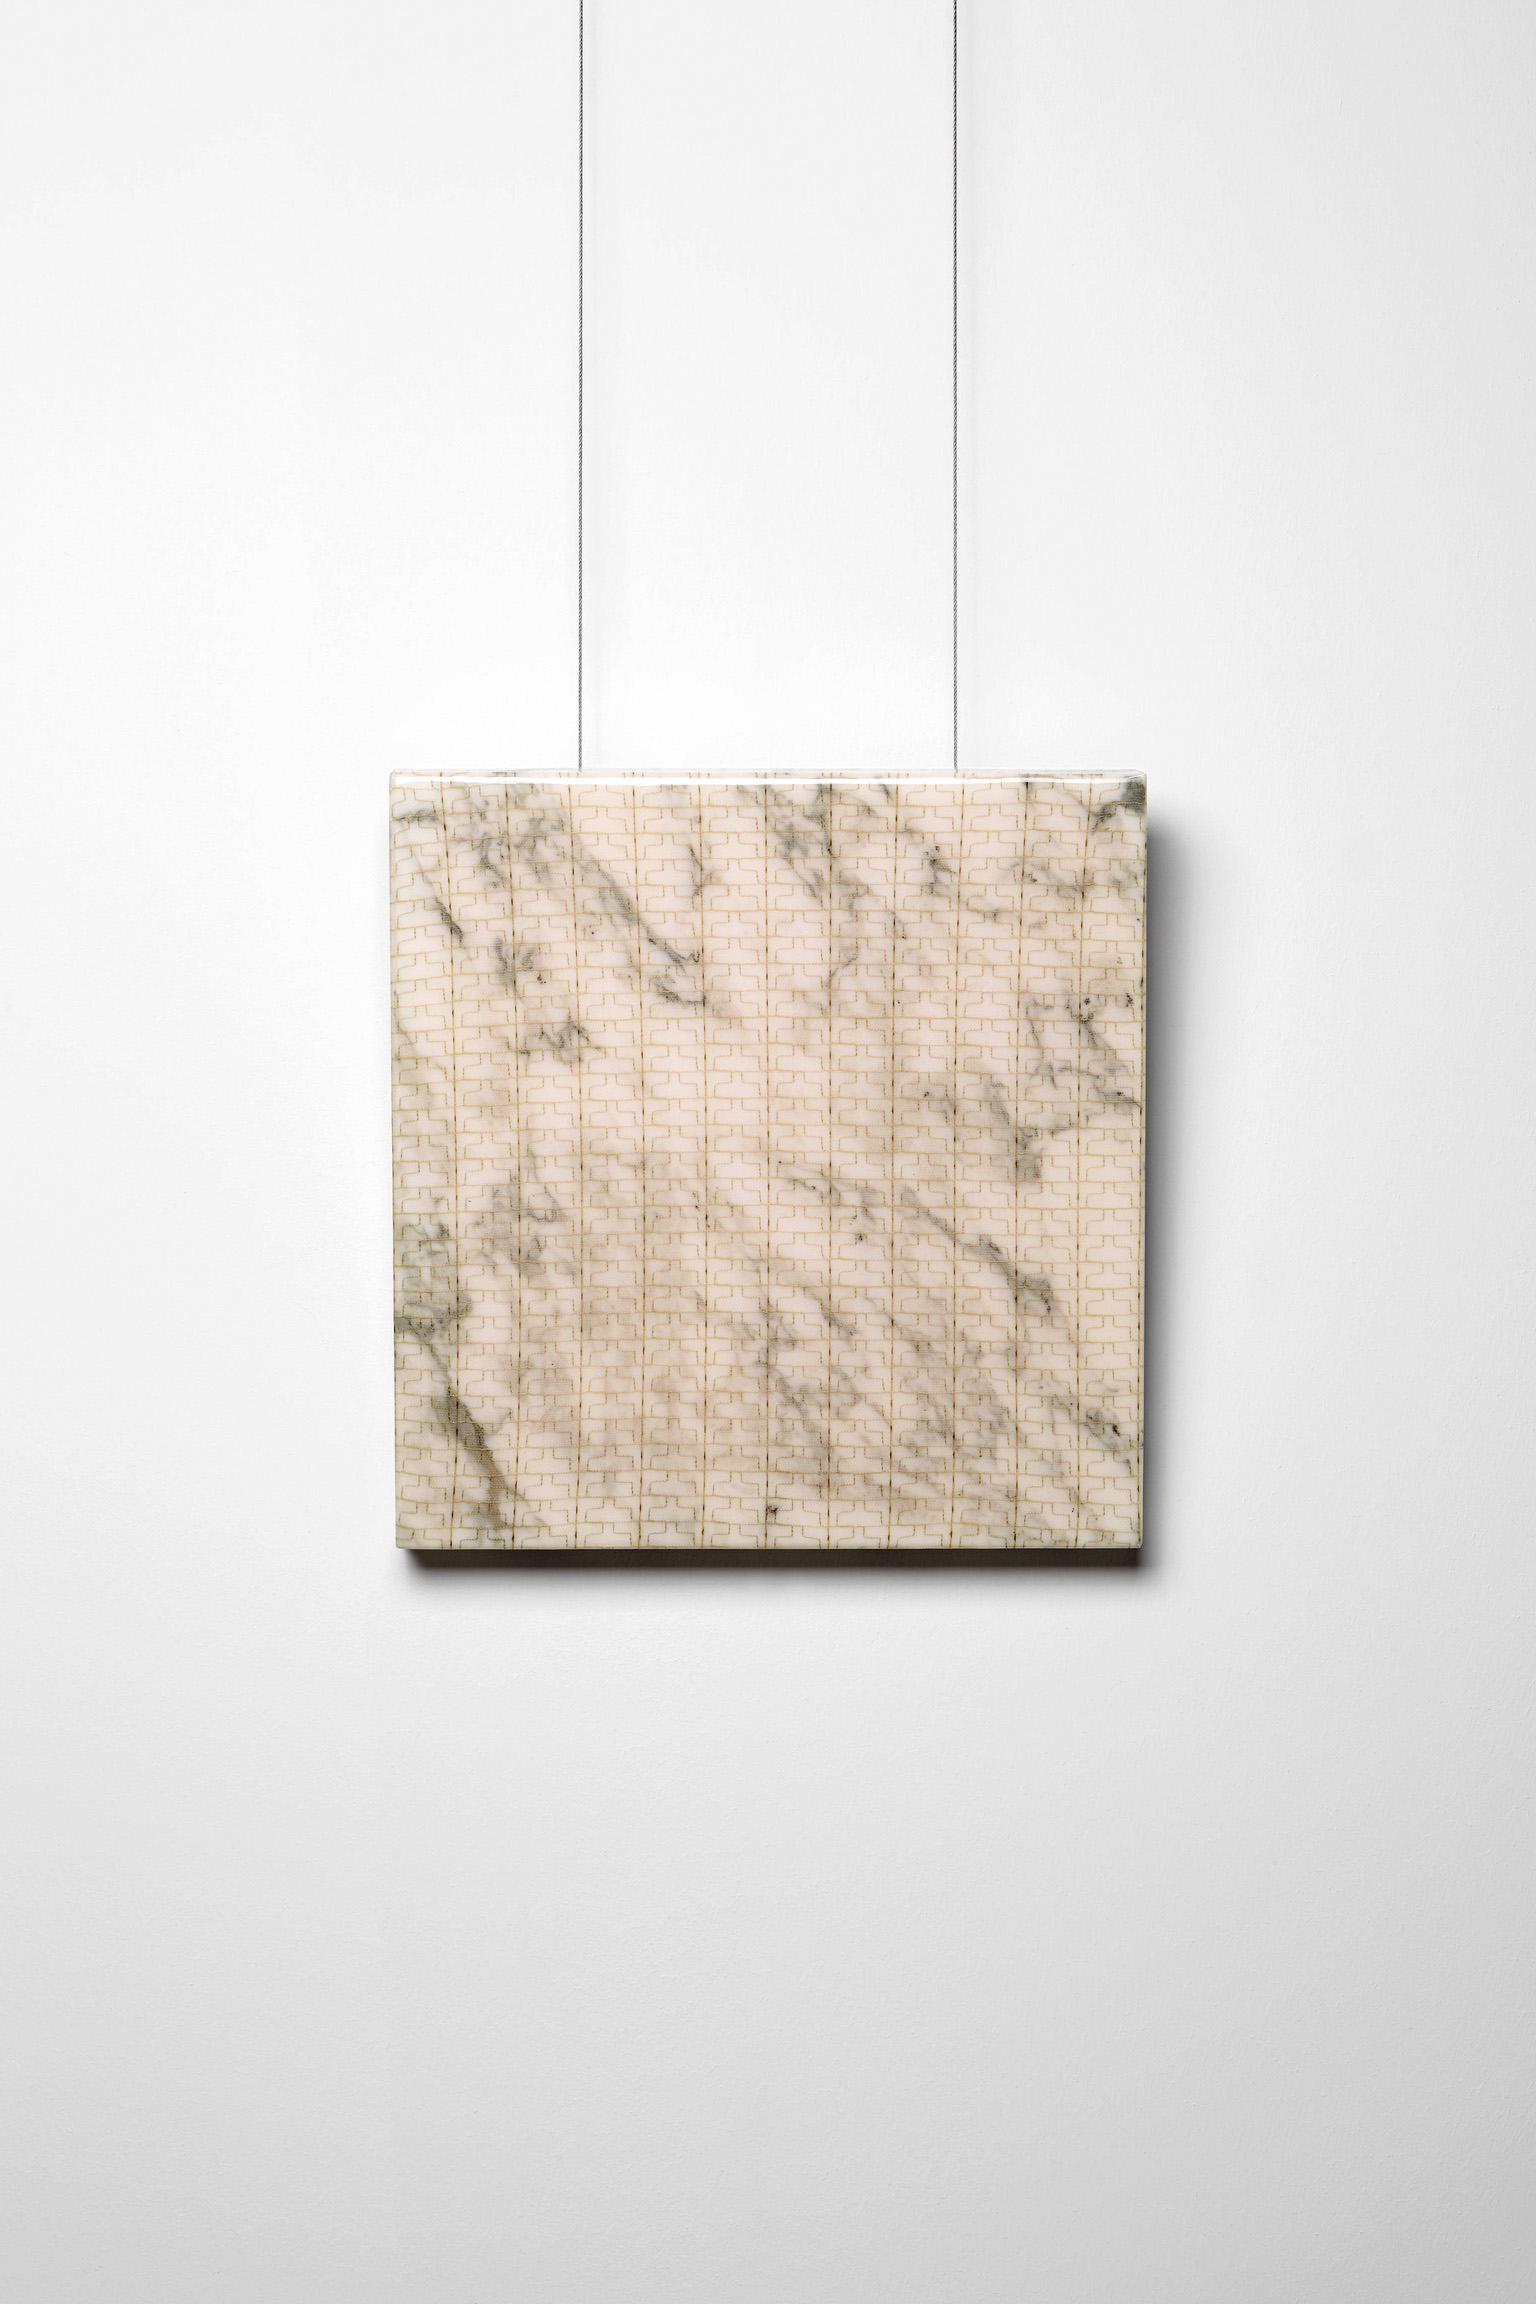 Michele Chiossi SUBABSTRACTION (sage), 2016  marmo Arabescato, pizzo, resina 40x40x4 cm astrazione zigzag quadro